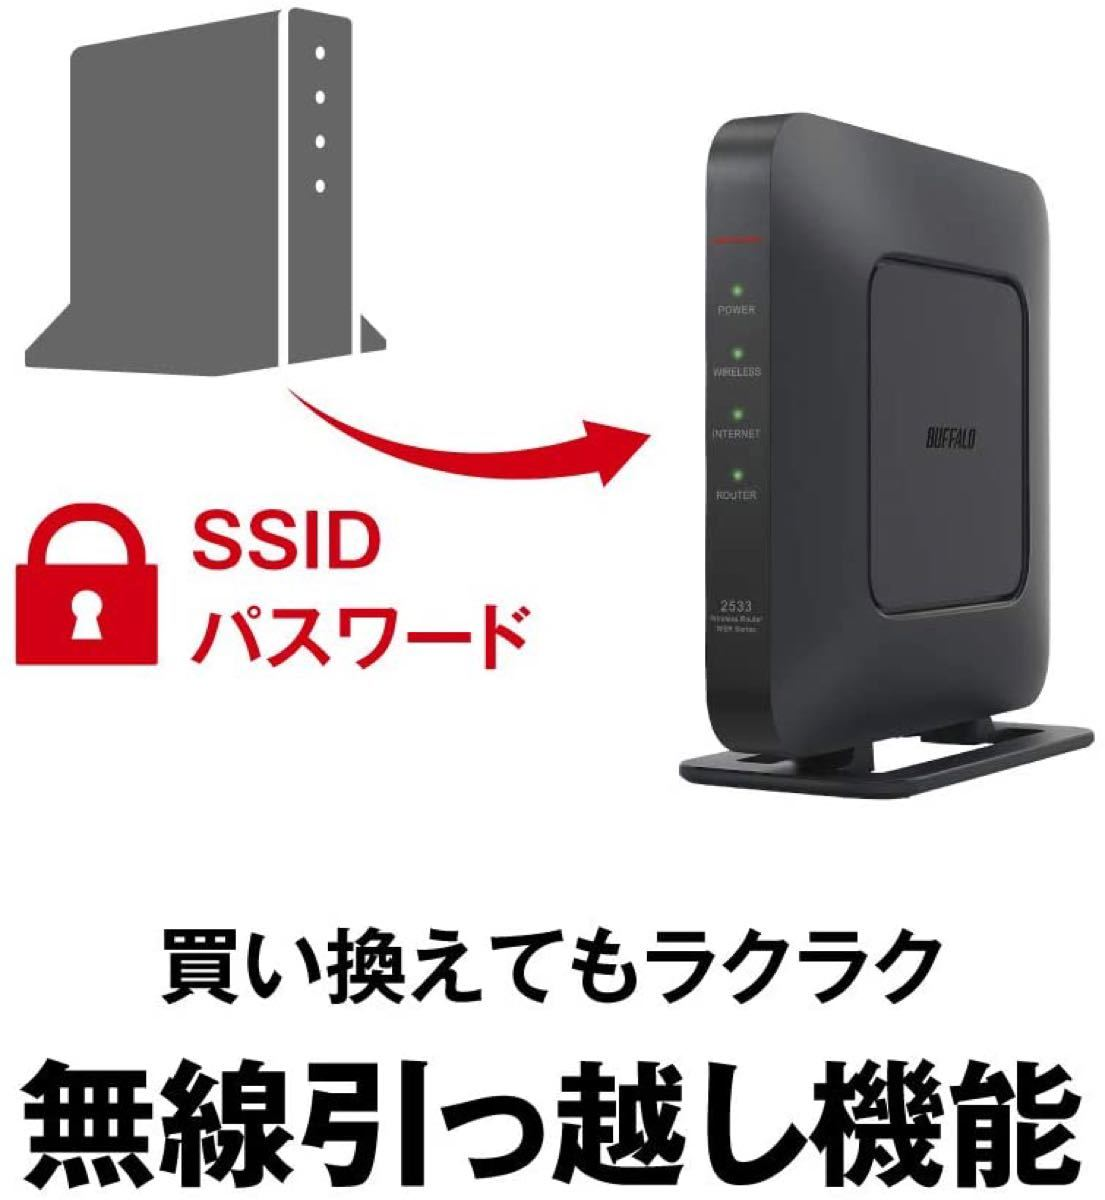 バッファロー 無線LAN親機 WSR-2533DHPL2-BK ブラック WiFiルーター 1733+800Mbps IPv6対応